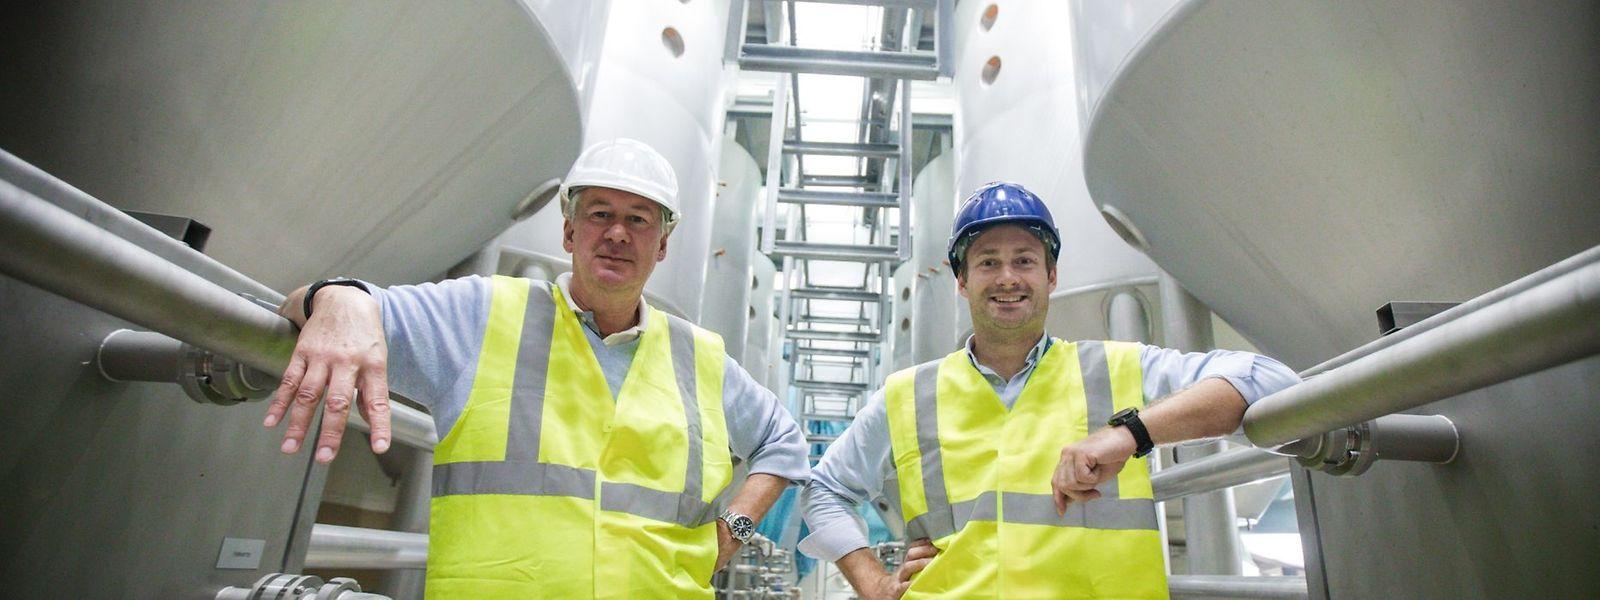 Der neue Diekircher Brauerei-Manager Pierre Van Vynckt (links) und der neue ABInBev-Landeschef Gilles Nackaerts (rechts) haben sich den 15. November 2018 rot im Kalender markiert.